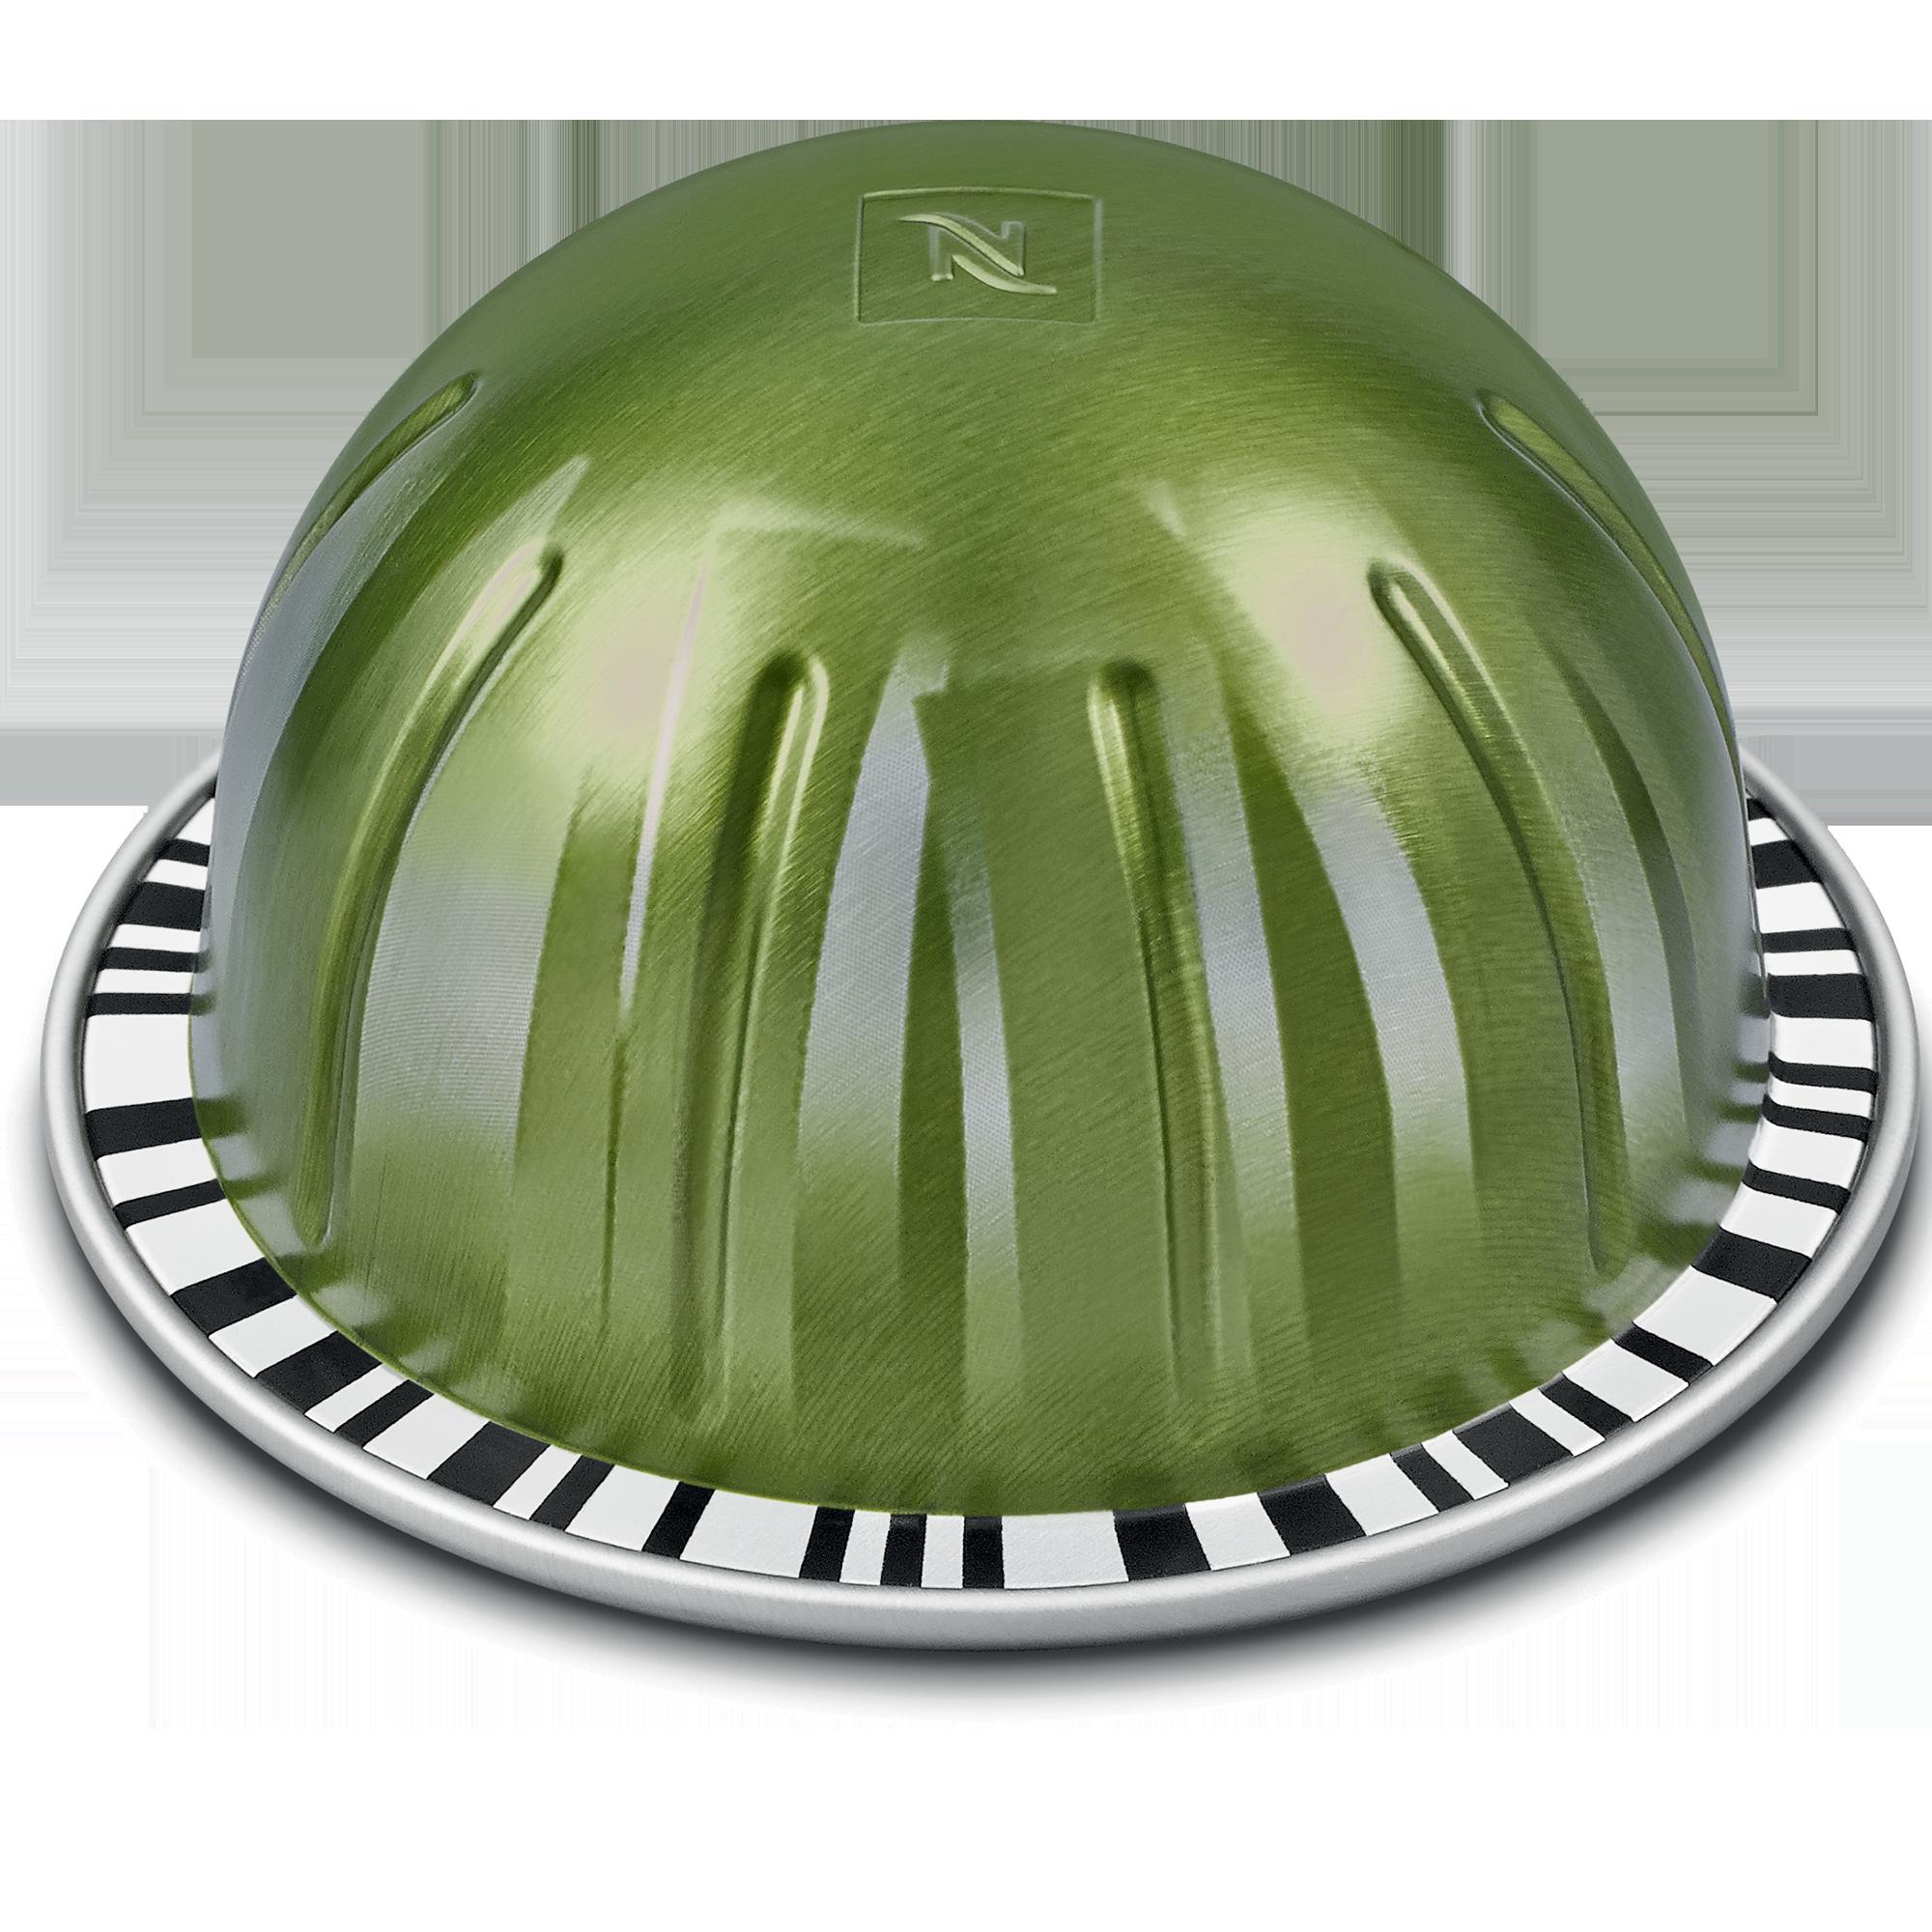 Alto Intenso capsule image